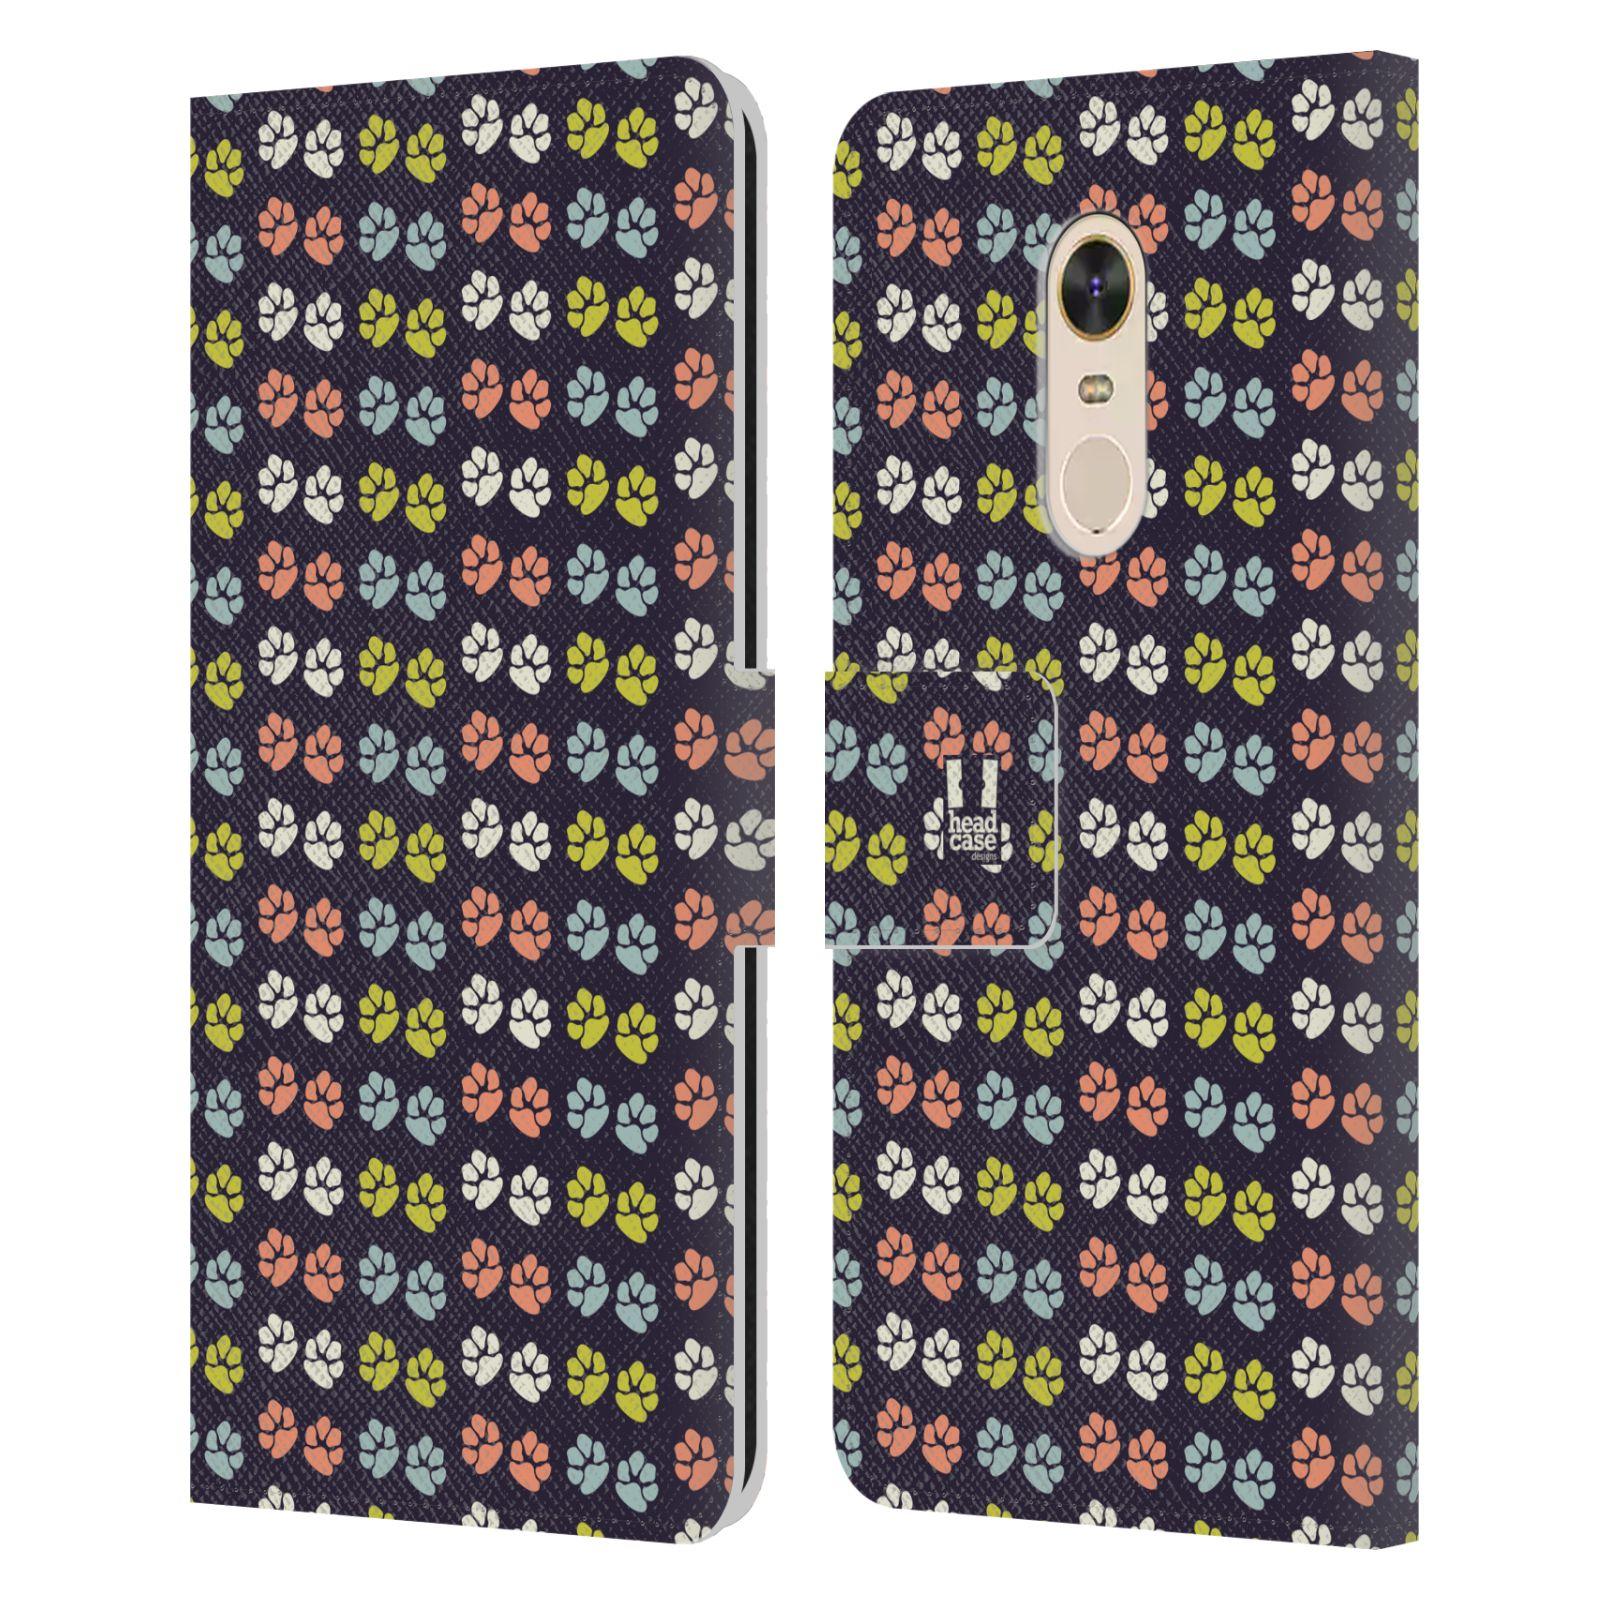 HEAD CASE Flipové pouzdro pro mobil Xiaomi Redmi 5 PLUS Pejsek ťapky barevné RETRO